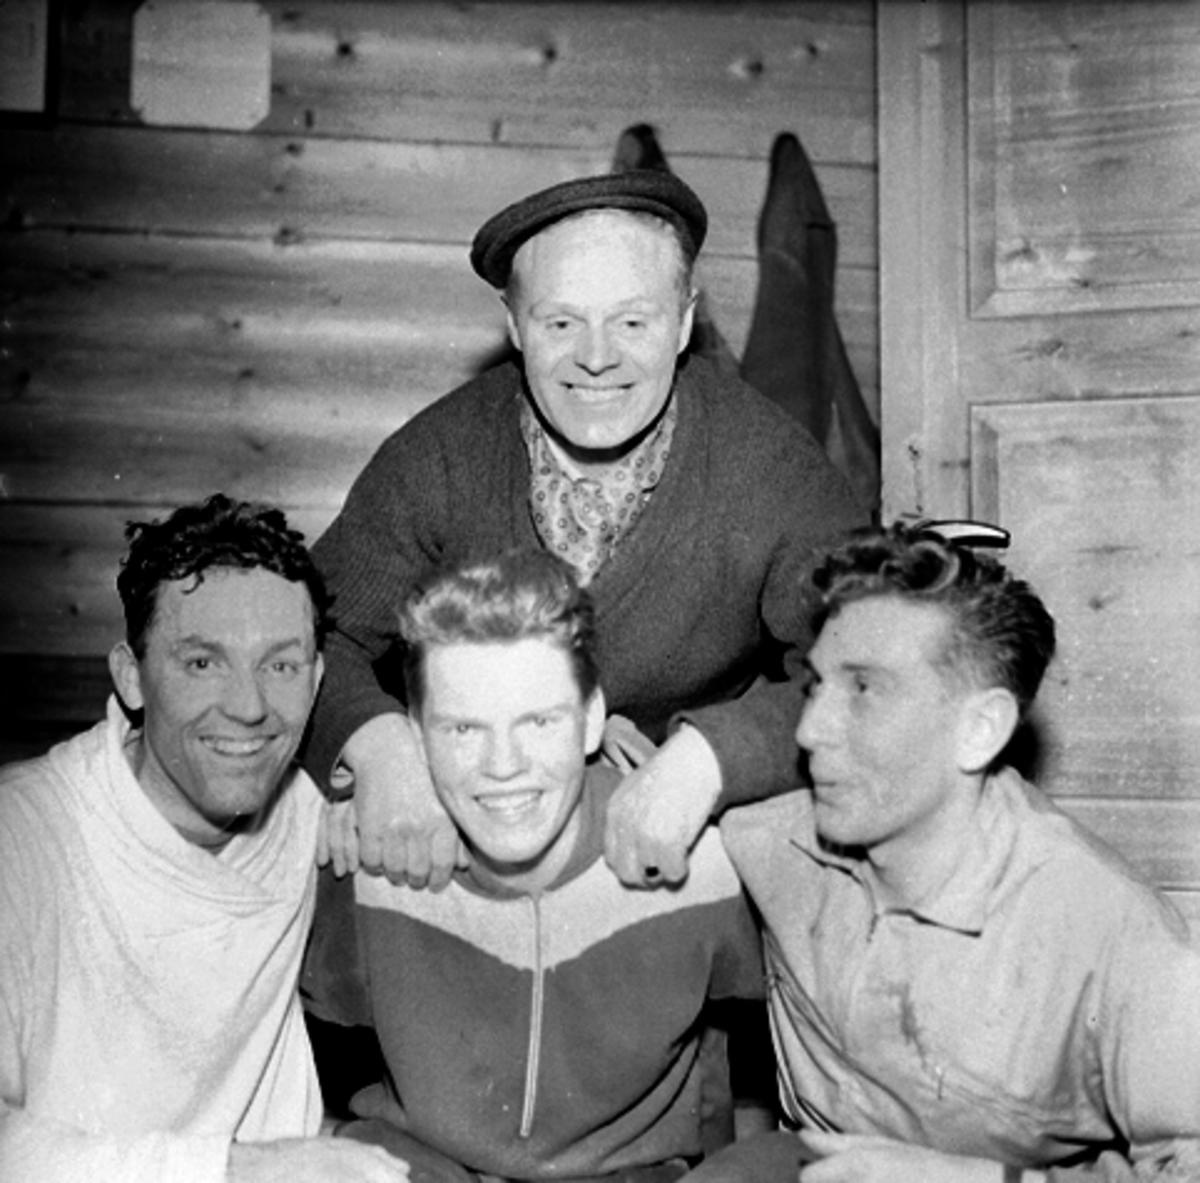 Veldre Idrettslag, f.v. Alf Megård, Nils Magne Taskerud, Odd Frankmoen. Bak Reidar Jørgensen.